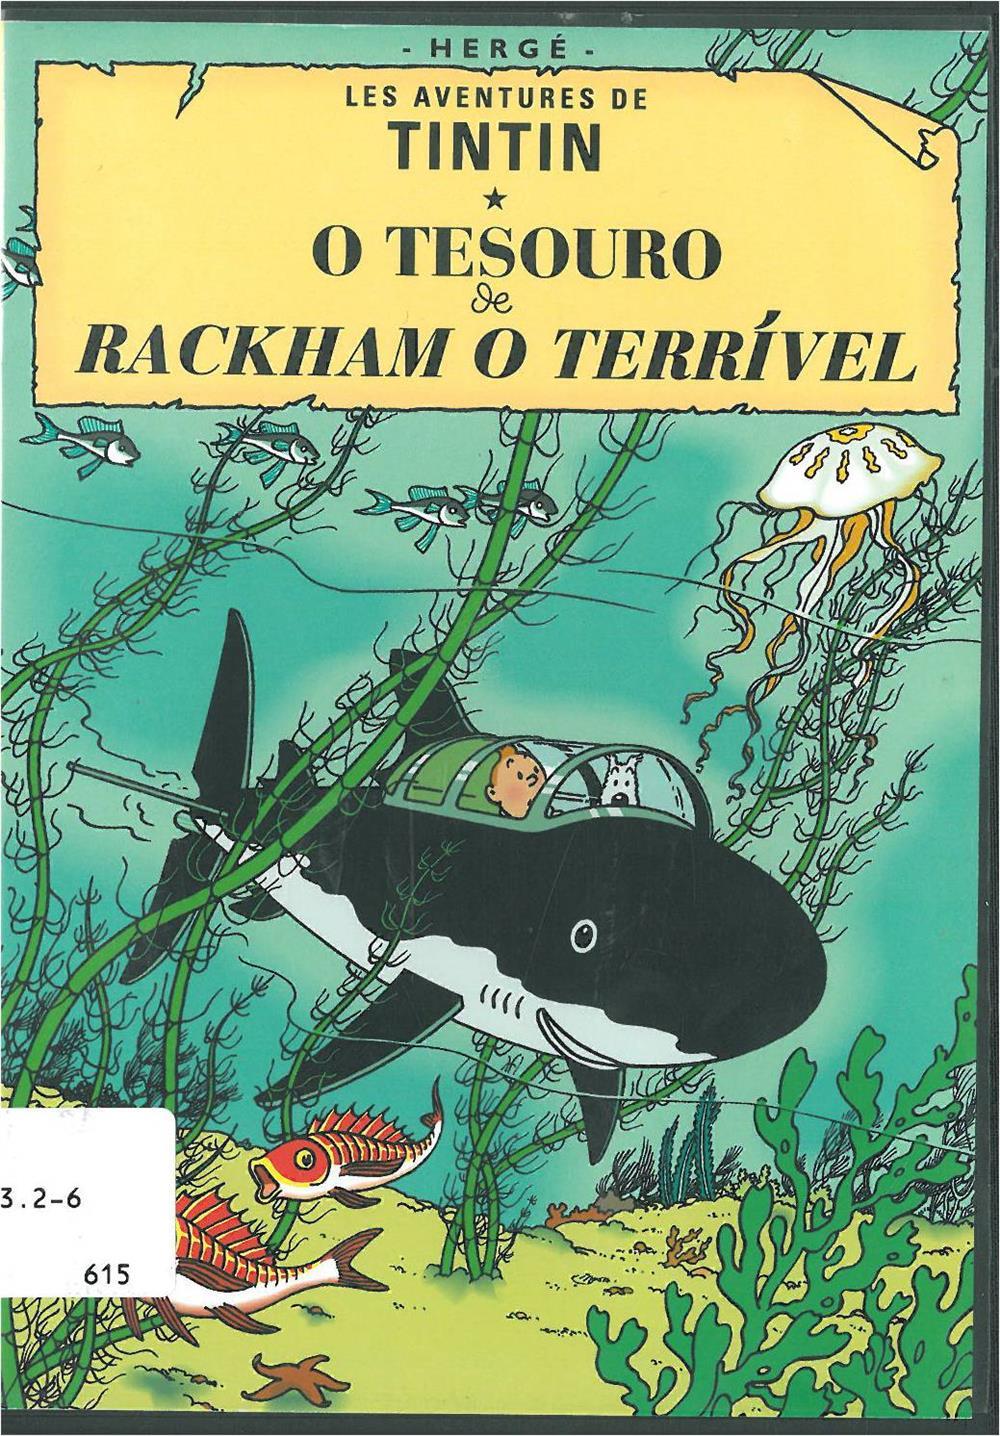 O tesouro de Rackham o terrível_DVD.jpg